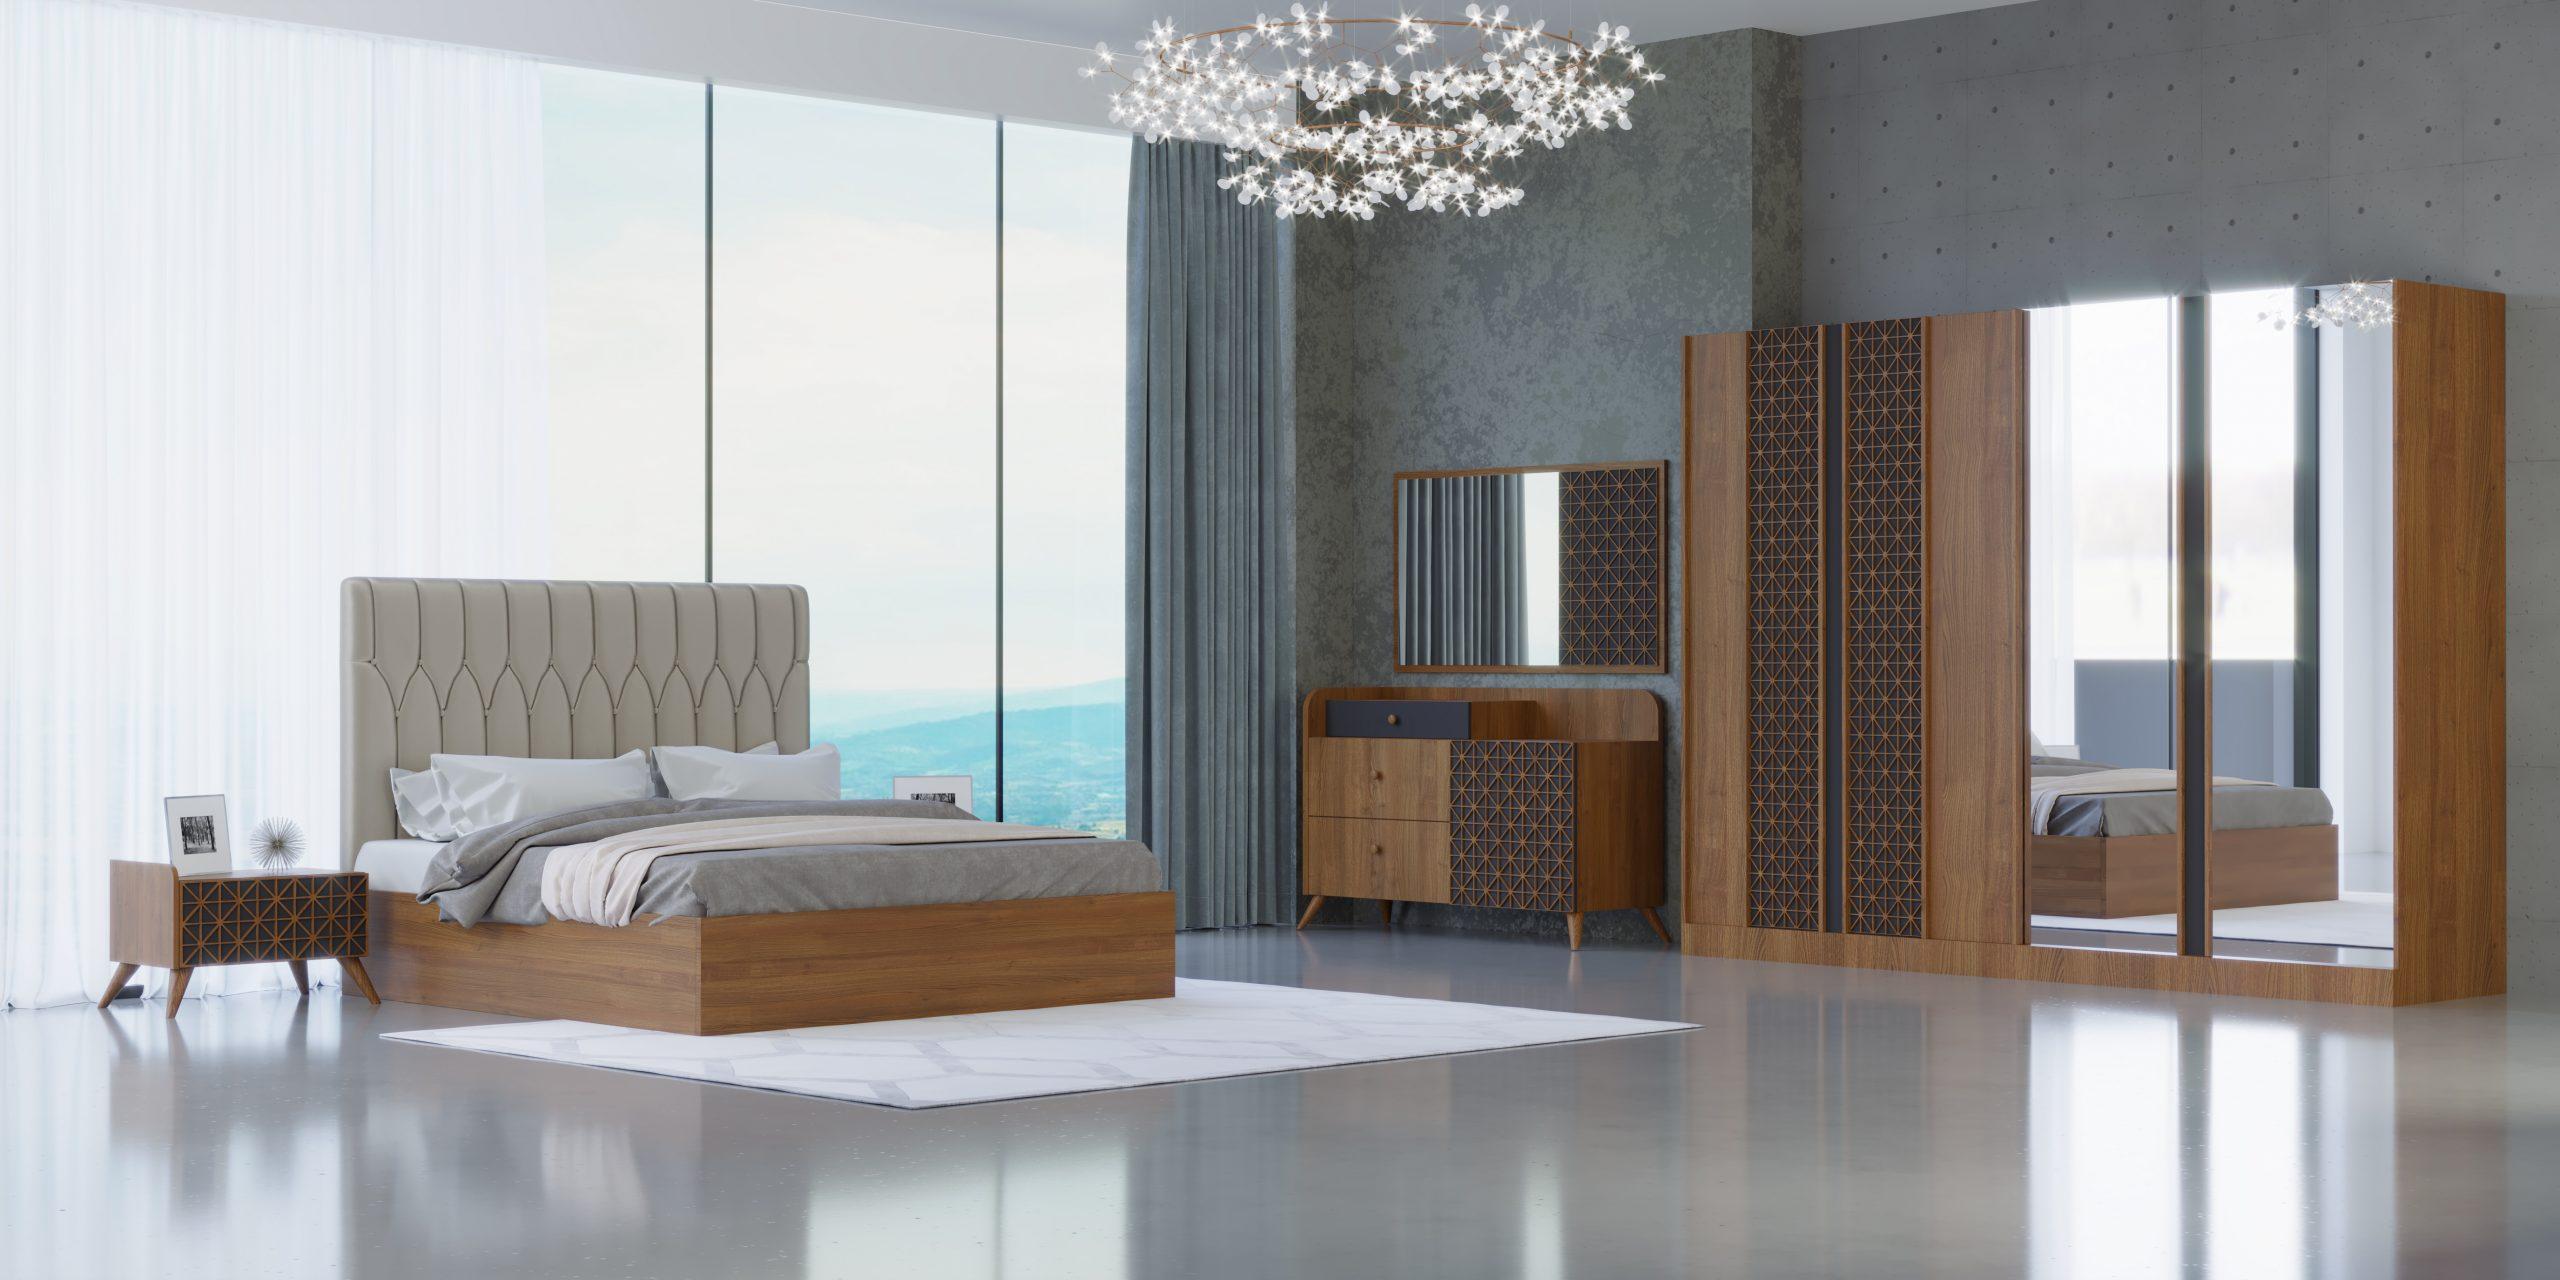 Спальная мебель Imfa - Nevada  - 1